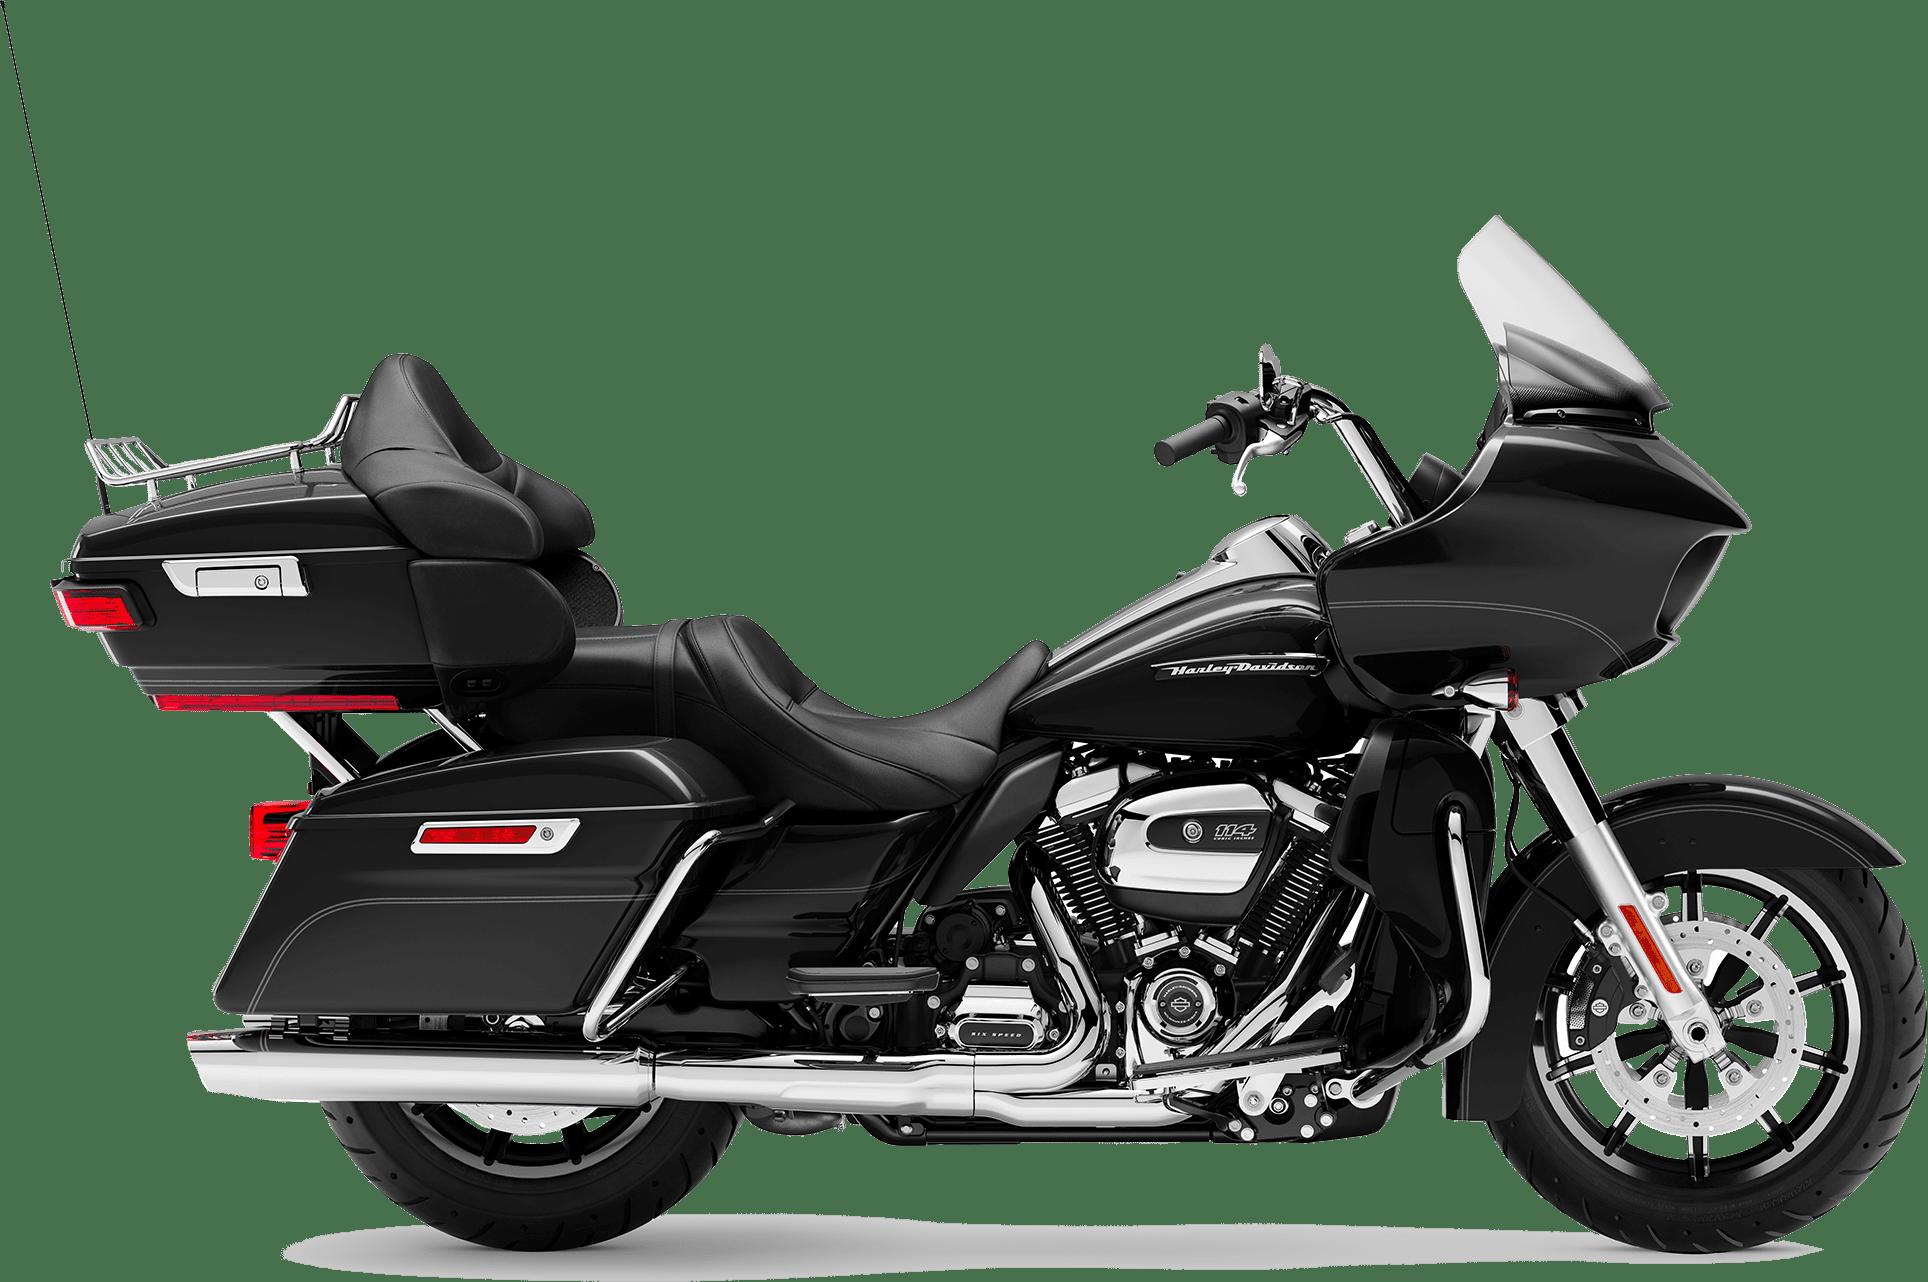 2019 Harley-Davidson H-D Touring Road Glide Ultra Vivid Black